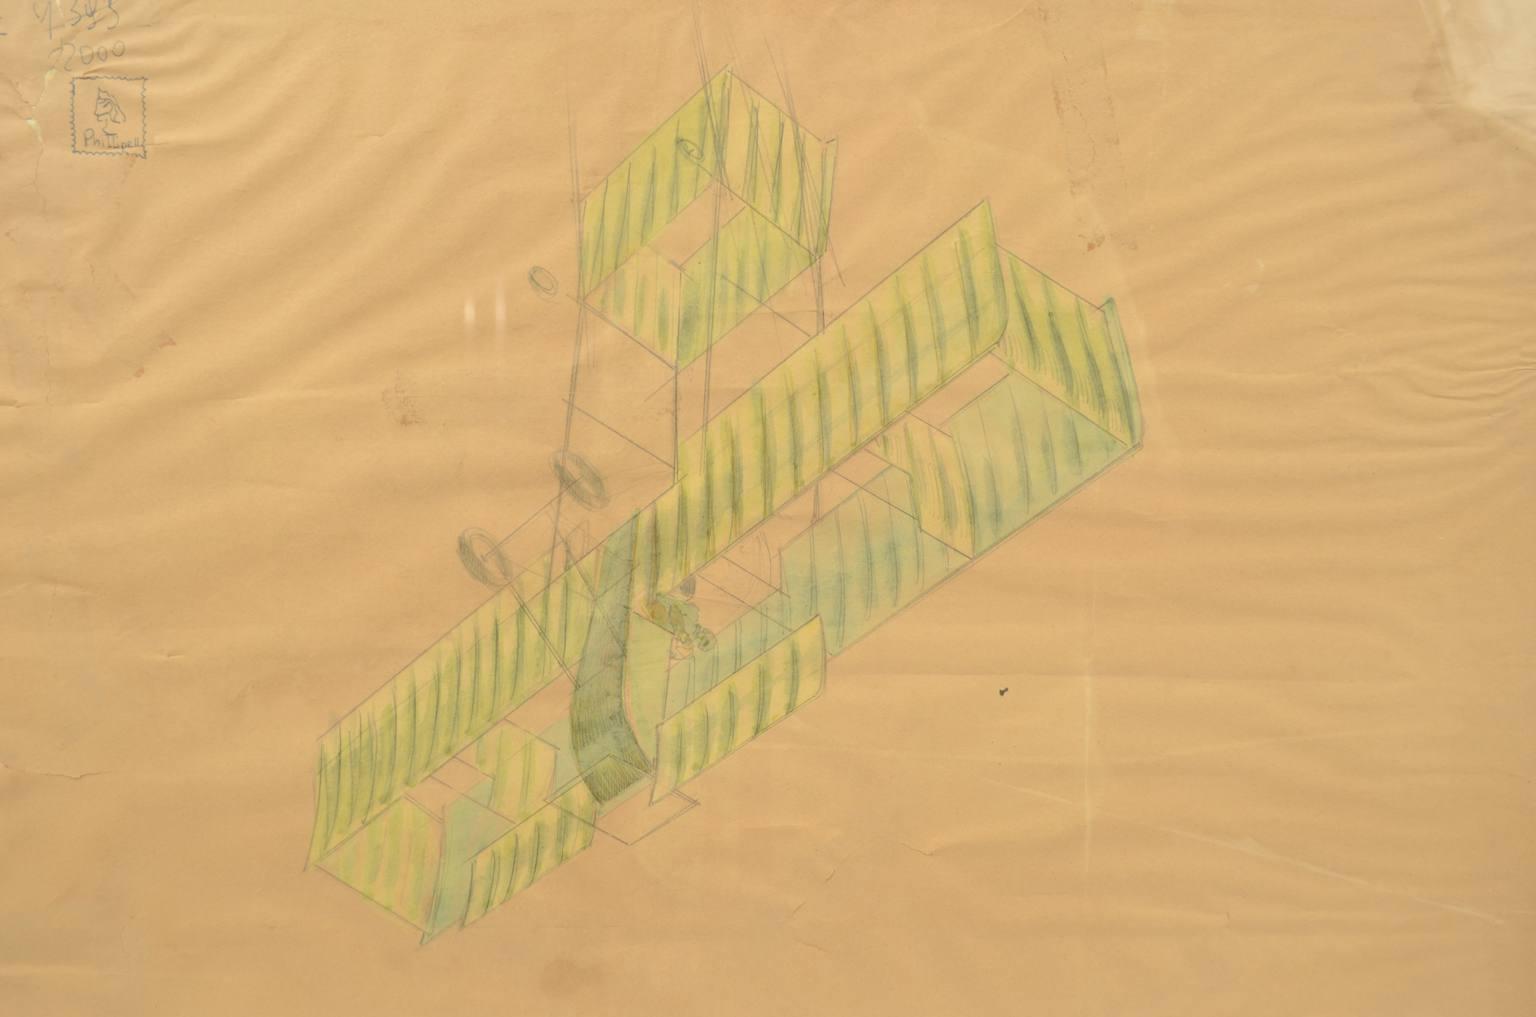 旧时的飞机/sc-混合技术图纸